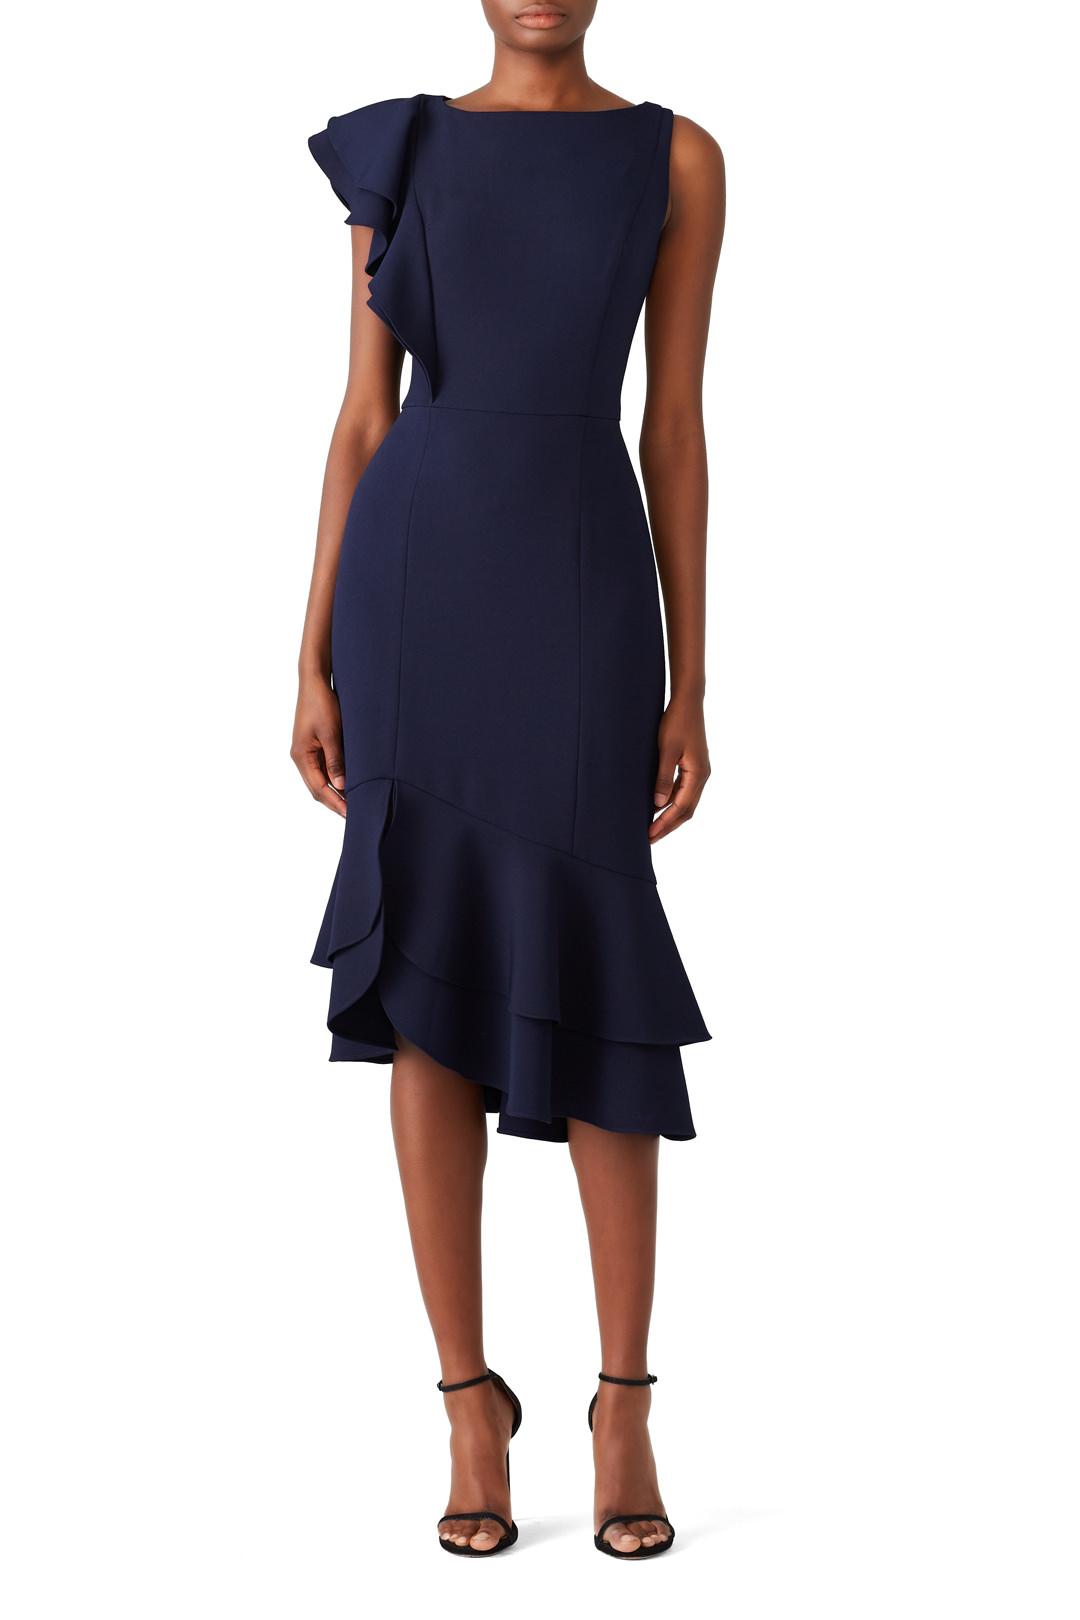 Shoshanna Navy Amurra Dress - $85.00-$95.00